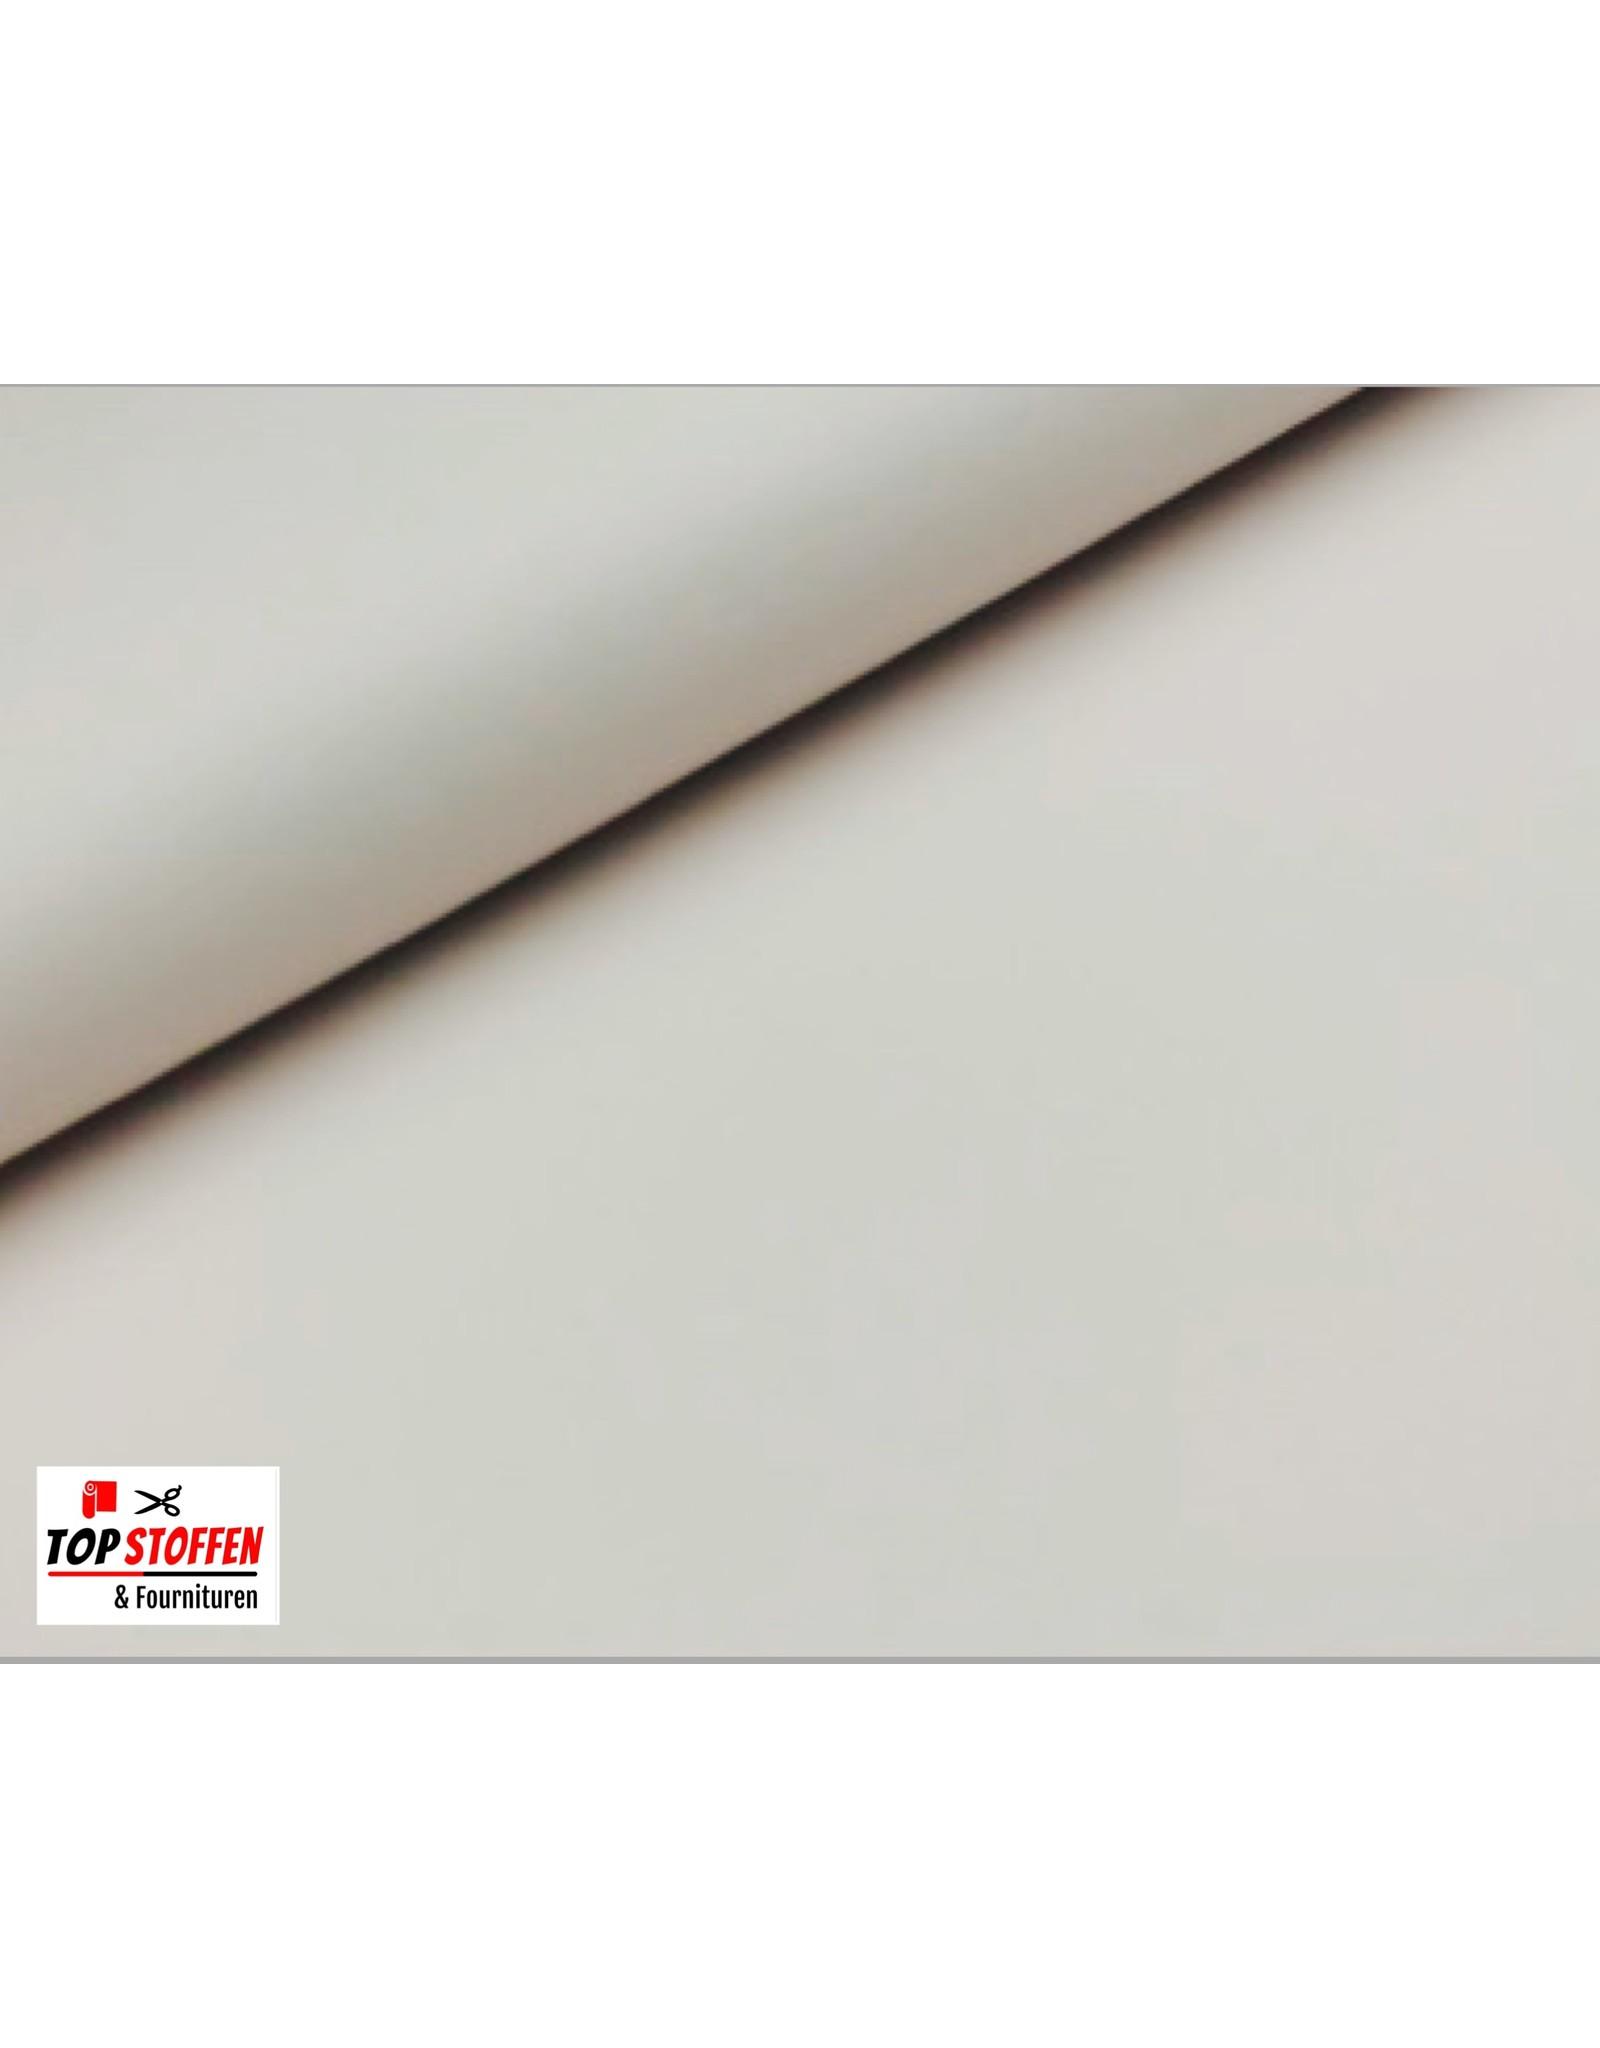 Imitation Leather / Skai - White